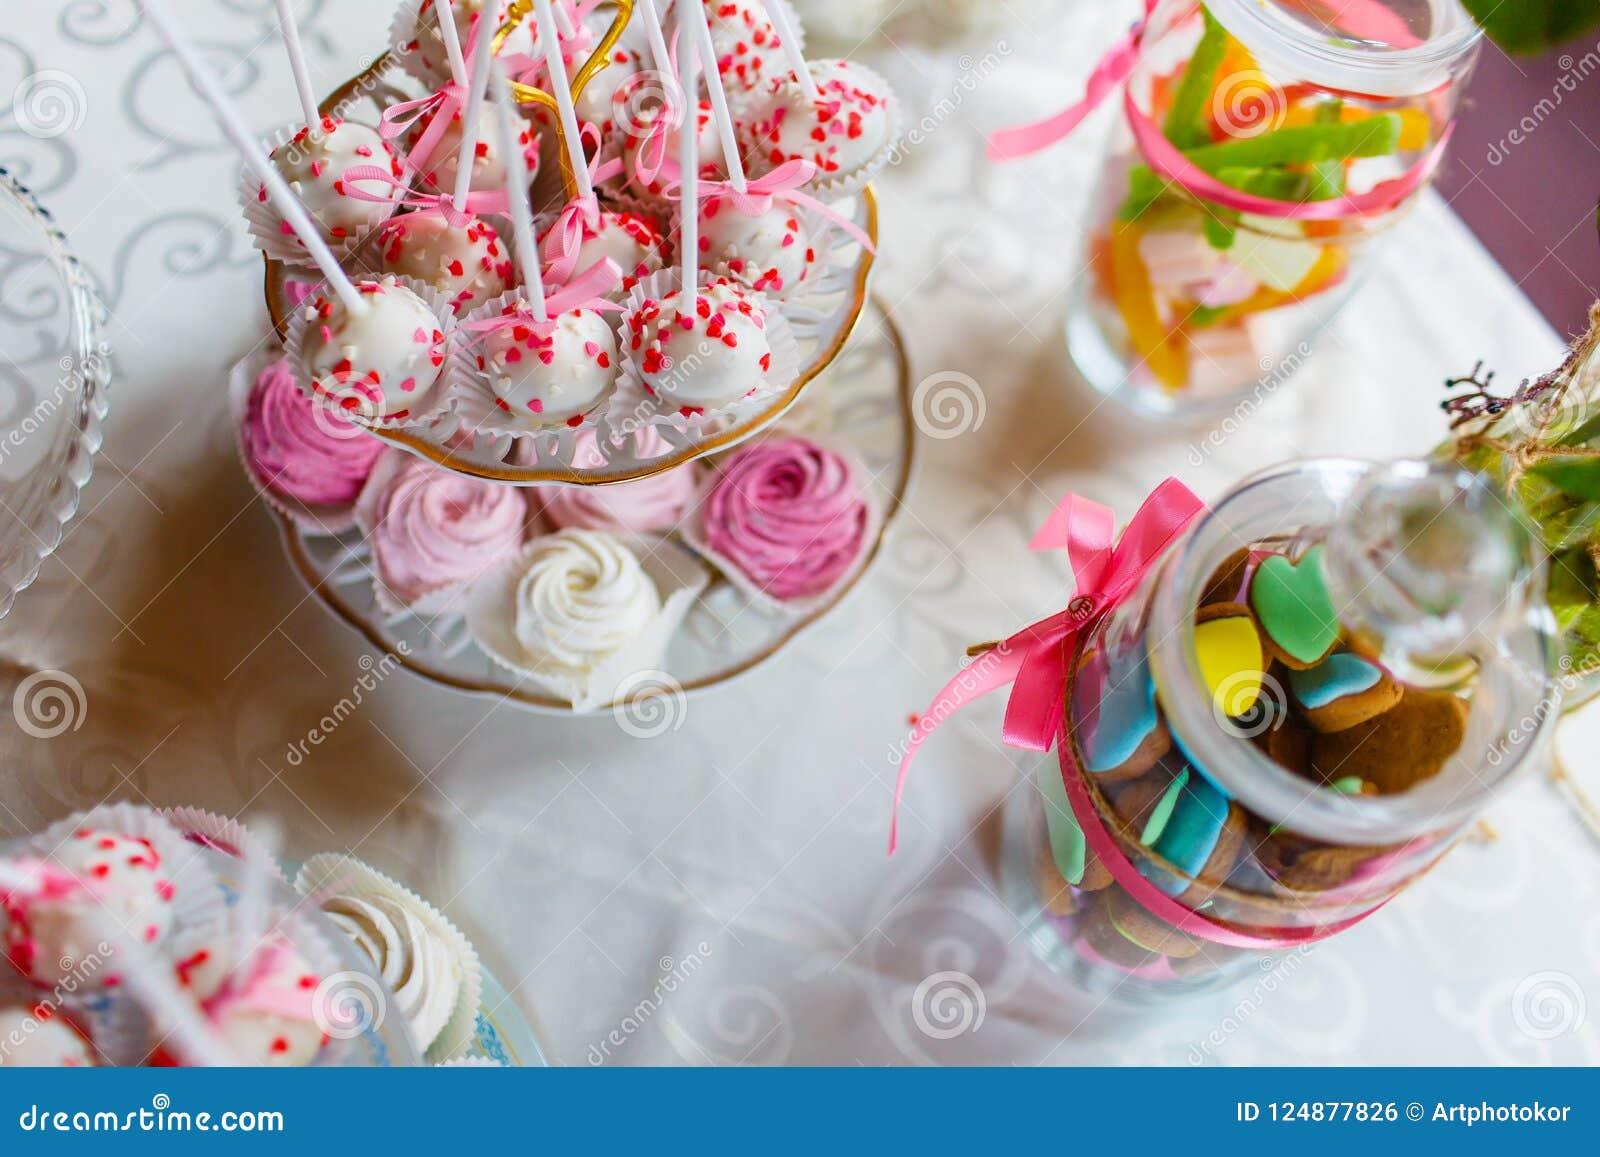 Feestelijke suikergoedbar die zich op de mening van de lijstbovenkant bevinden